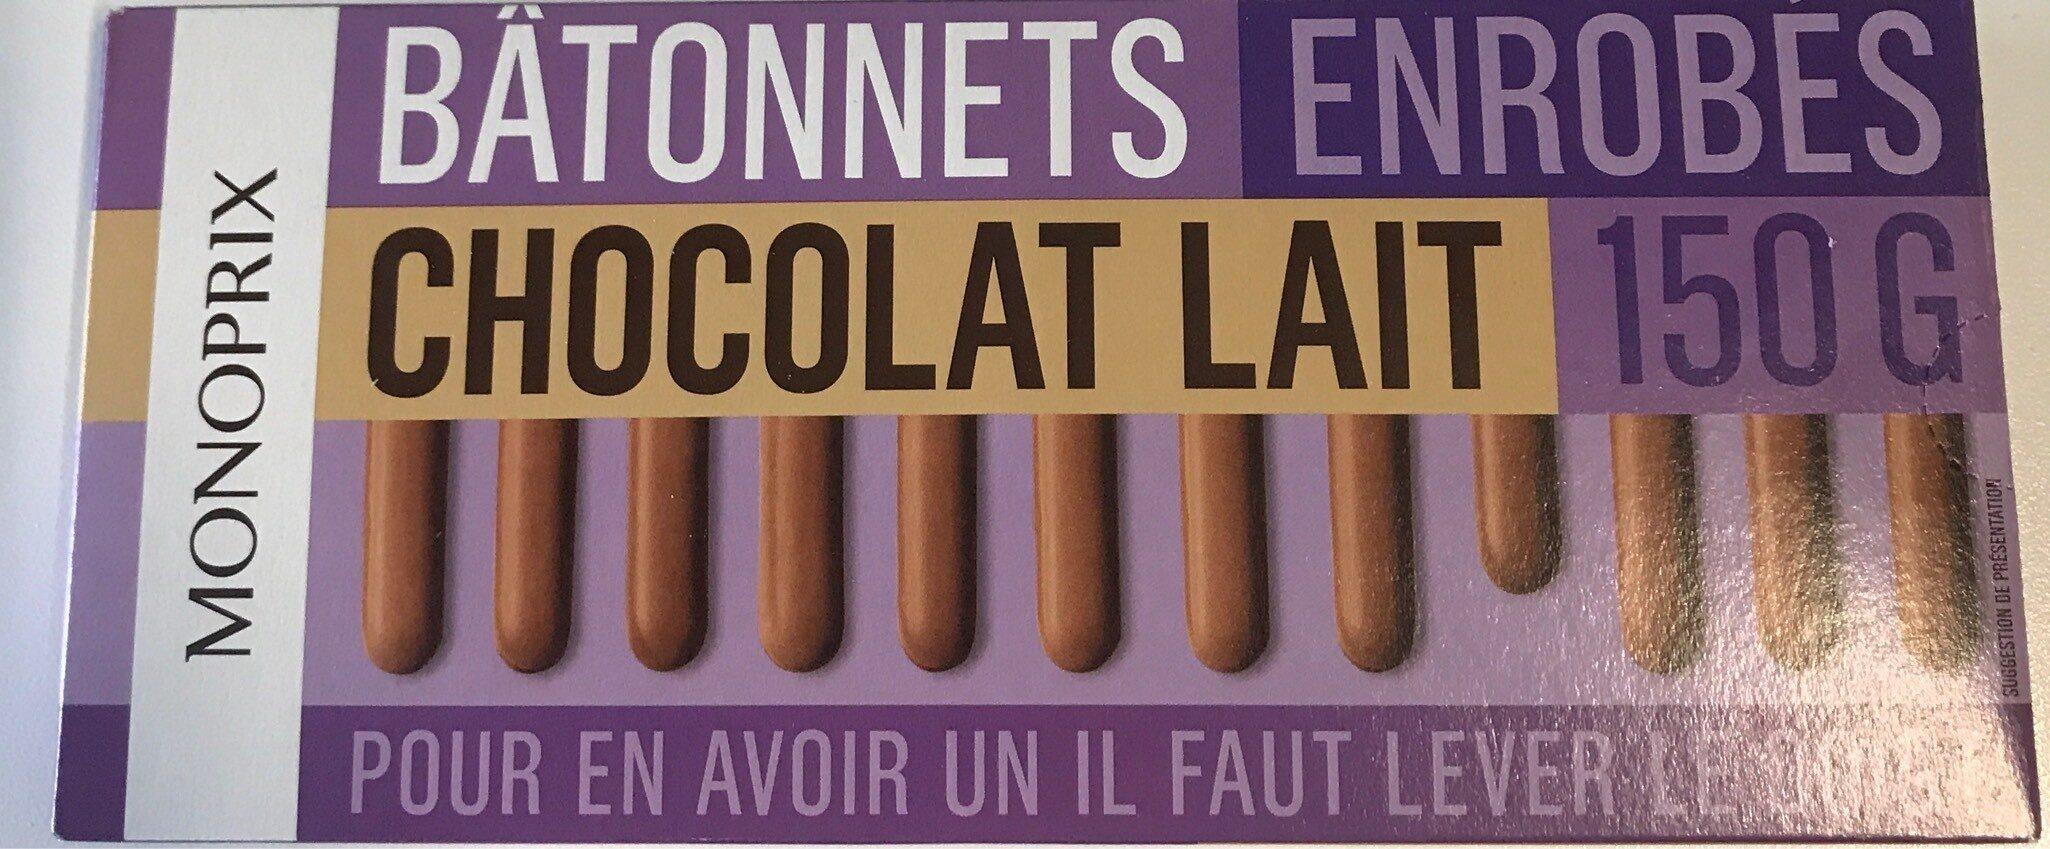 Batonnets enrobés Chocolat Lait - Produit - fr